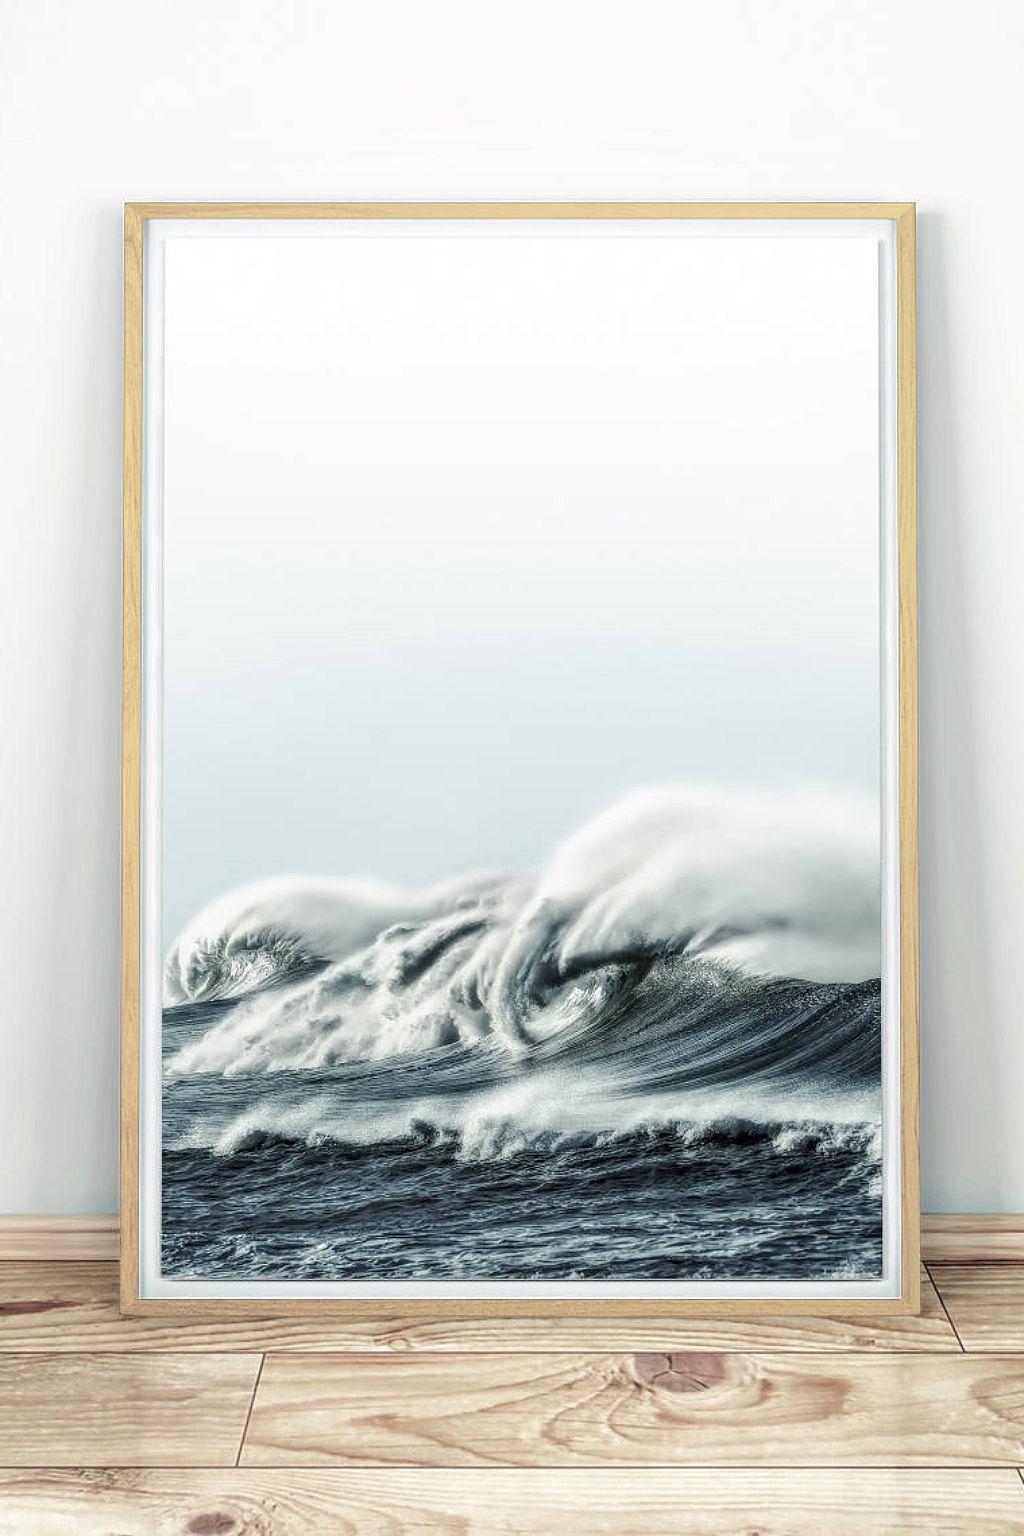 Ocean Waves Printable Wall Art Sea Print Sea Wave Wall Etsy Ocean Wall Art Photography Wall Art Sea Wall Art